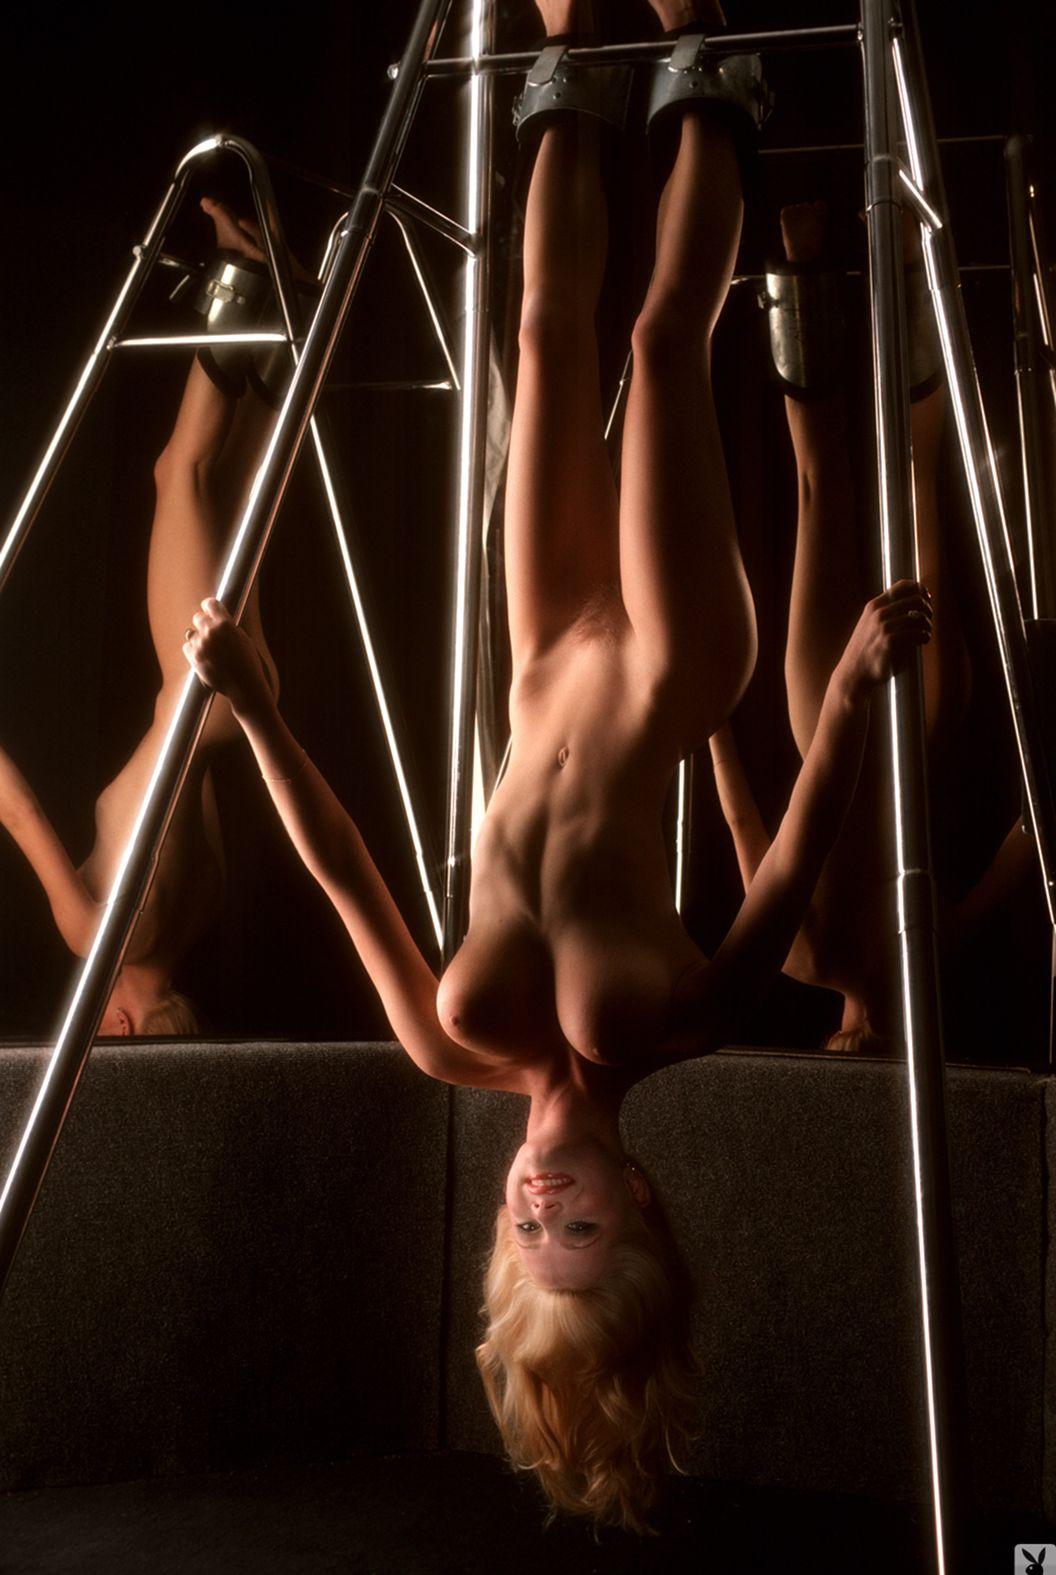 kimberly-mcarthur-playmate-january-1982-krasivie-siski-retro-vintage-playboy (34)